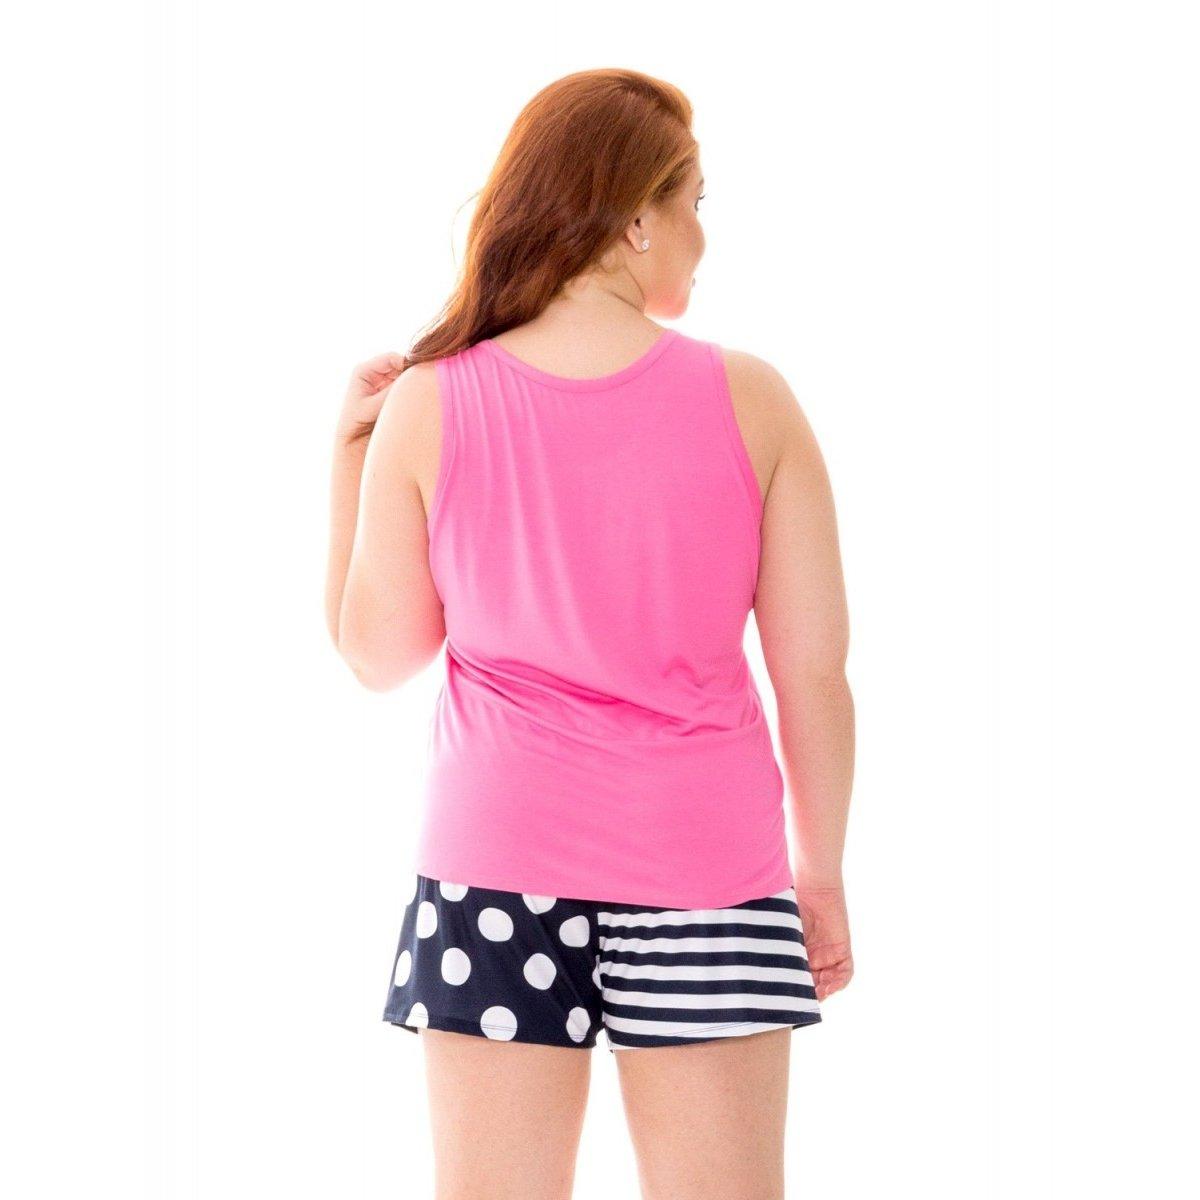 09535 Pijama Feminino Viscose Pijama Feminino Baunilha Recco Recco Baunilha Rosa PpP1O8v4